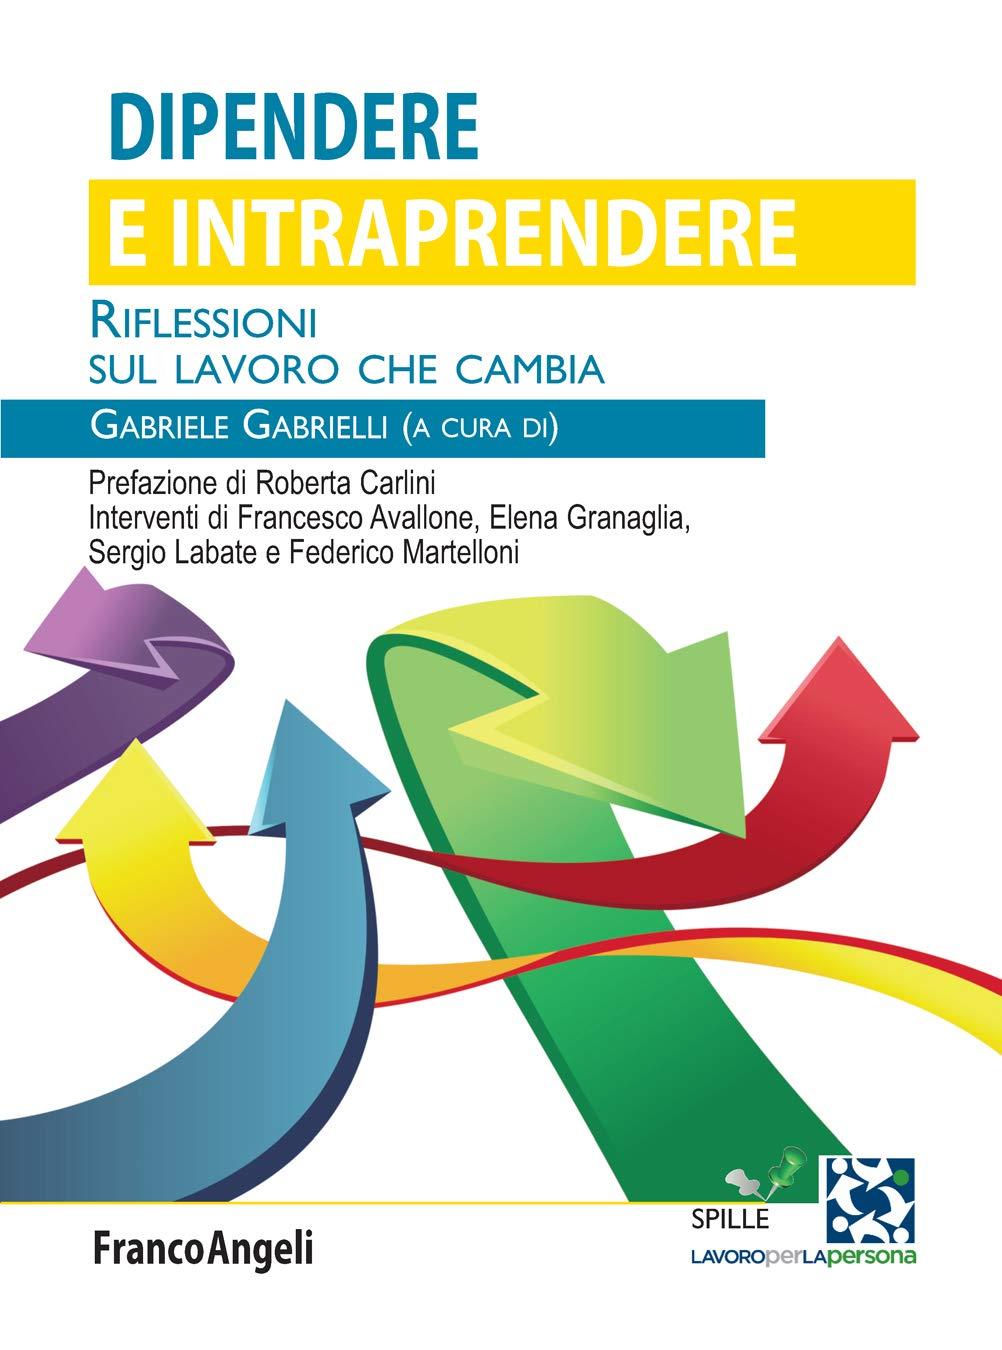 Dipendere e intraprendere: Riflessioni sul lavoro che cambia (Italian Edition)